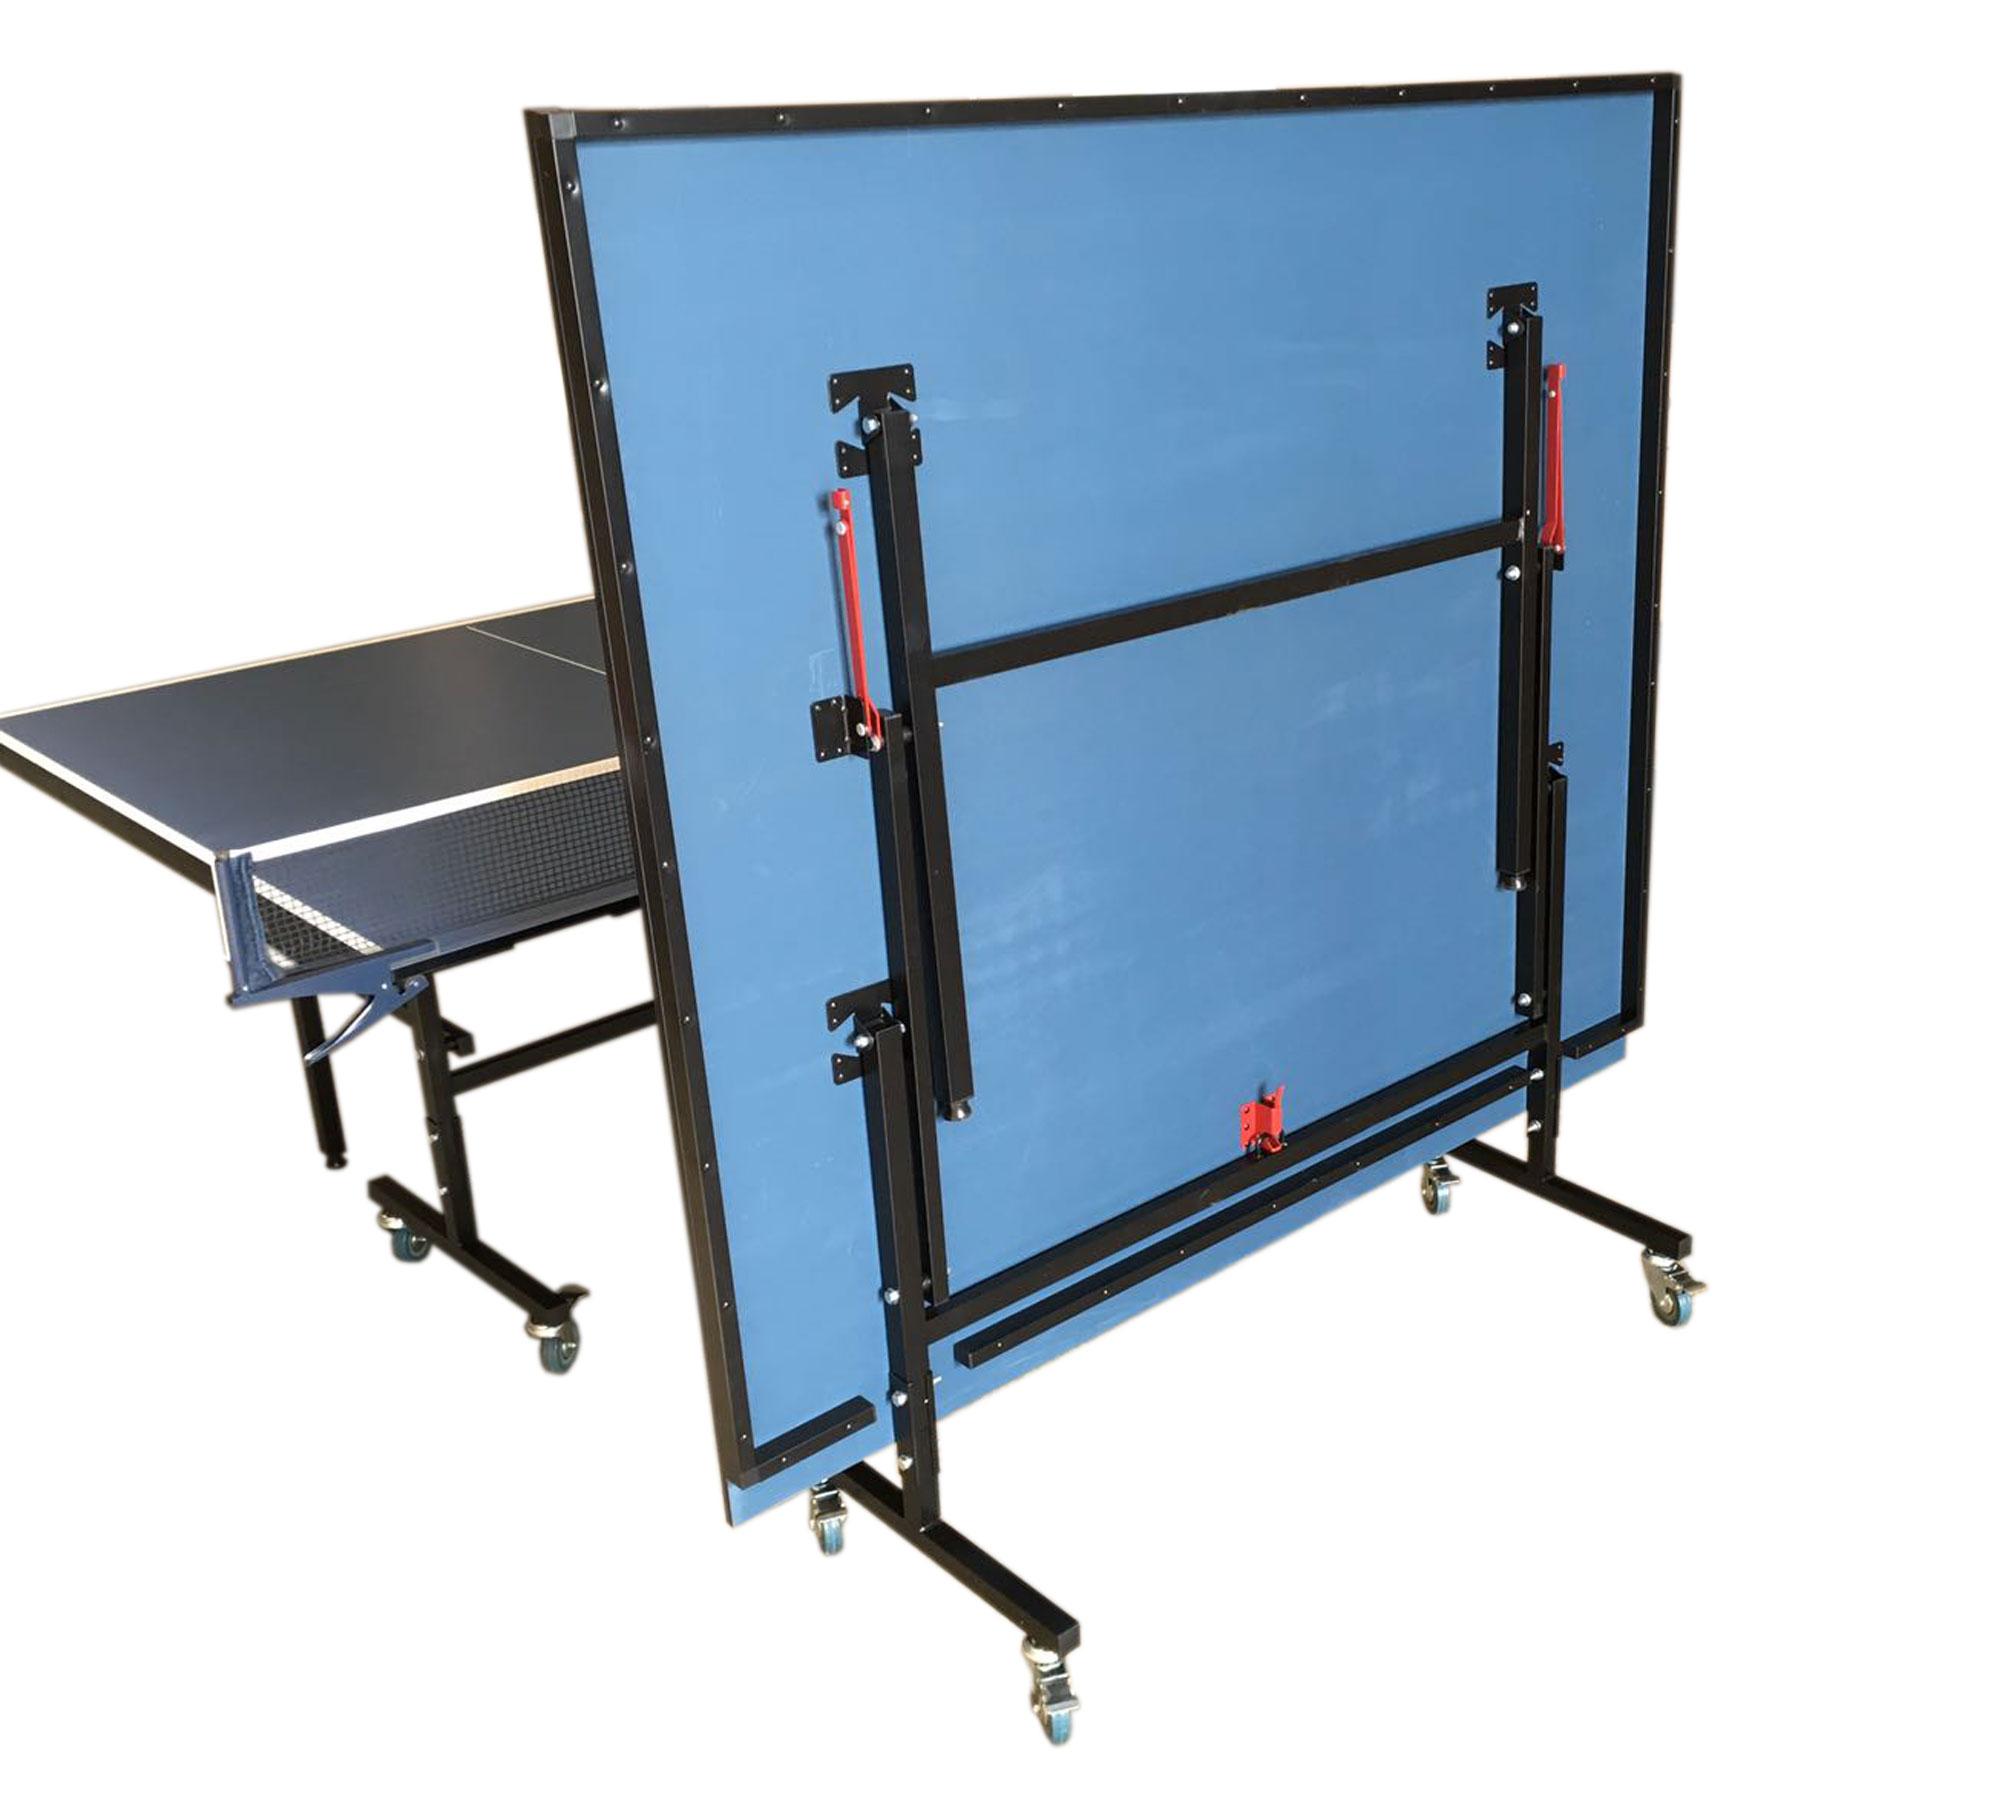 Tavolo ping pong professionale tennis da tavolo blue con rete modello roby ebay - Tavolo ping pong misure regolamentari ...